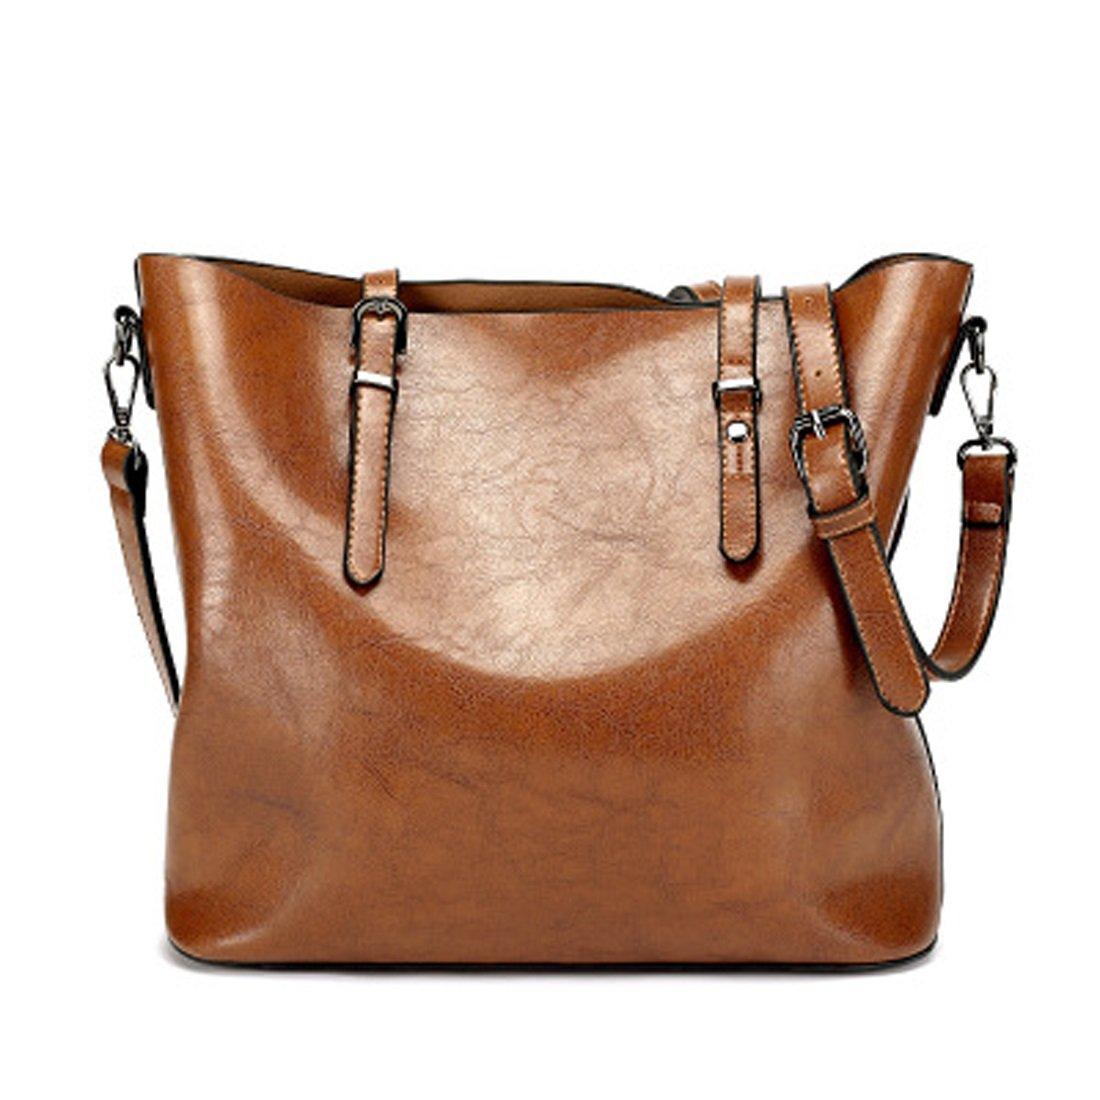 Women's Bags Handbags Shoulder Bags Genuine Leather Brown Big Casual All Seasons Black Coffee Brown Wine (Color : Brown) by WTING (Image #1)